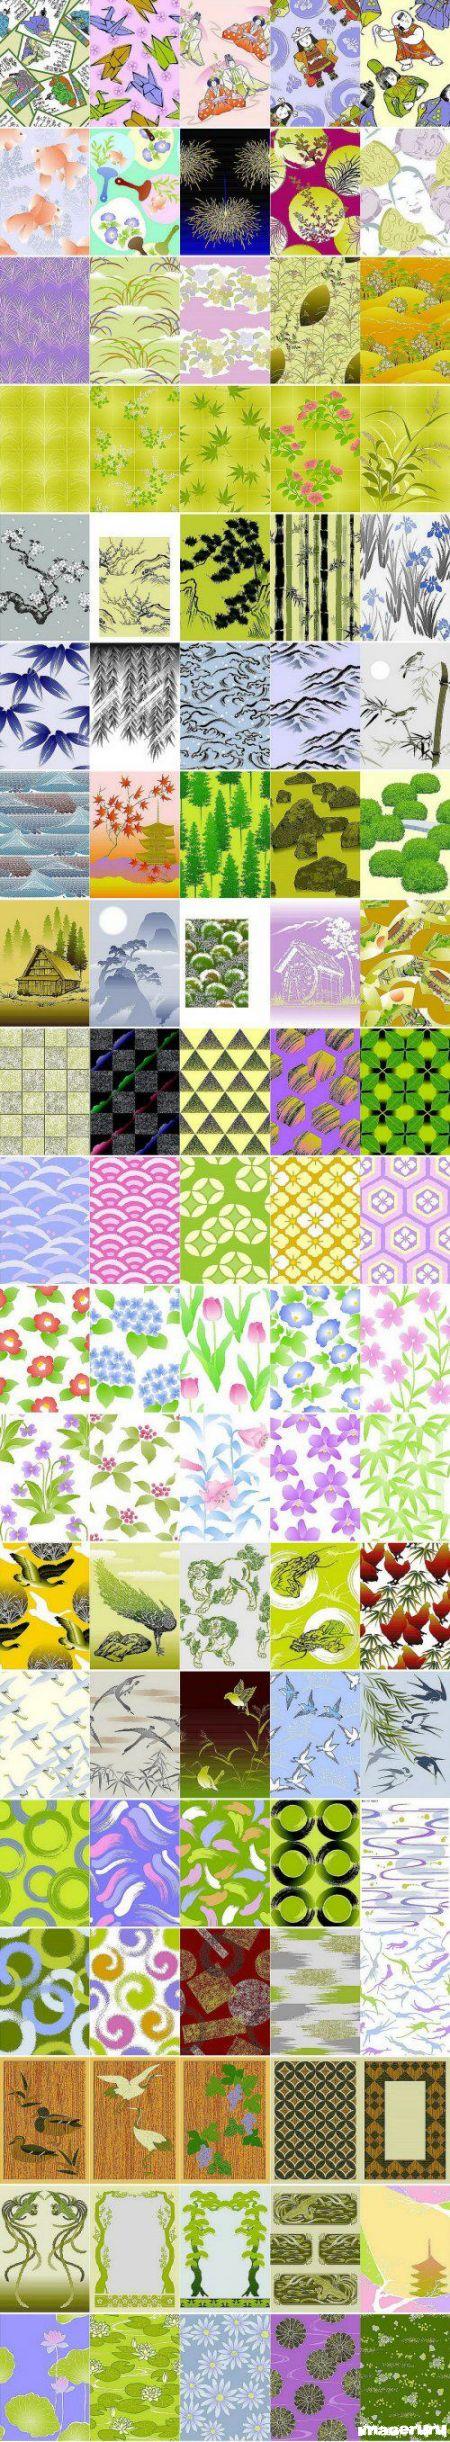 100 векторных шаблонов для дизайна ч. 5